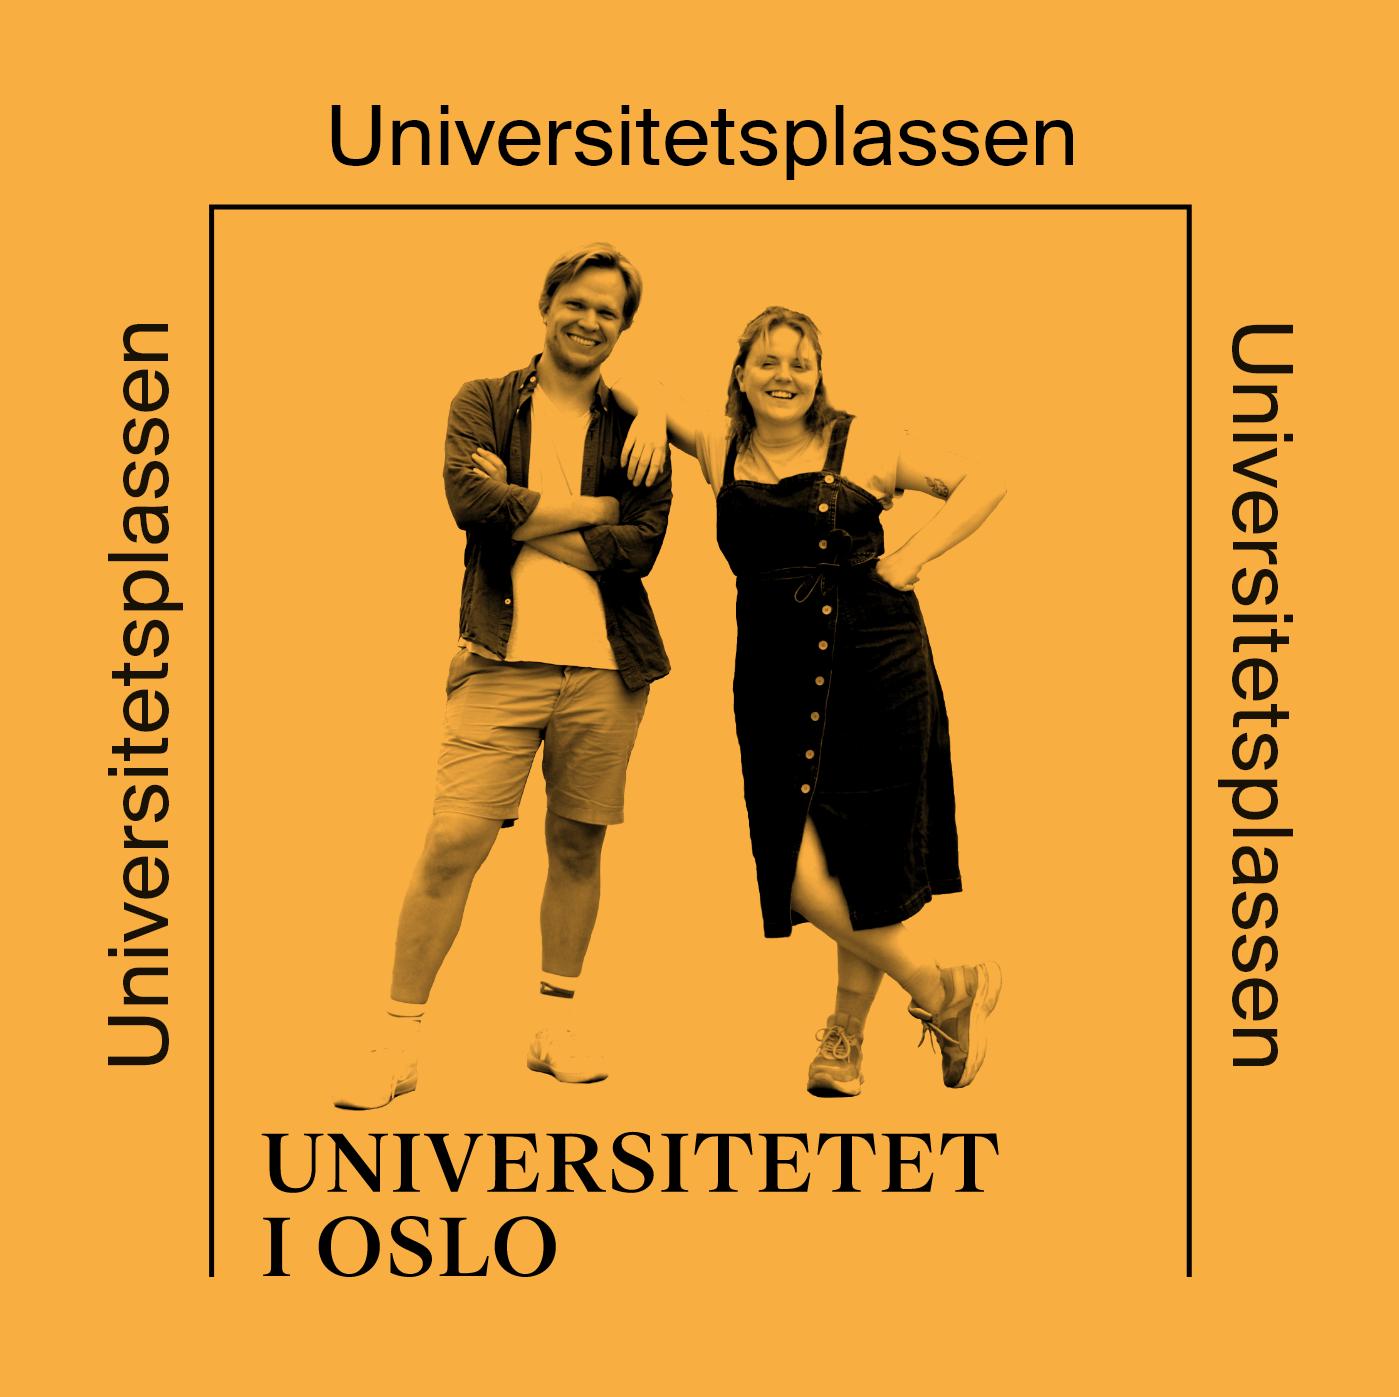 Universitetsplassen-podcastserie-grafisk element med bilde av programledere på gul bakgrunn